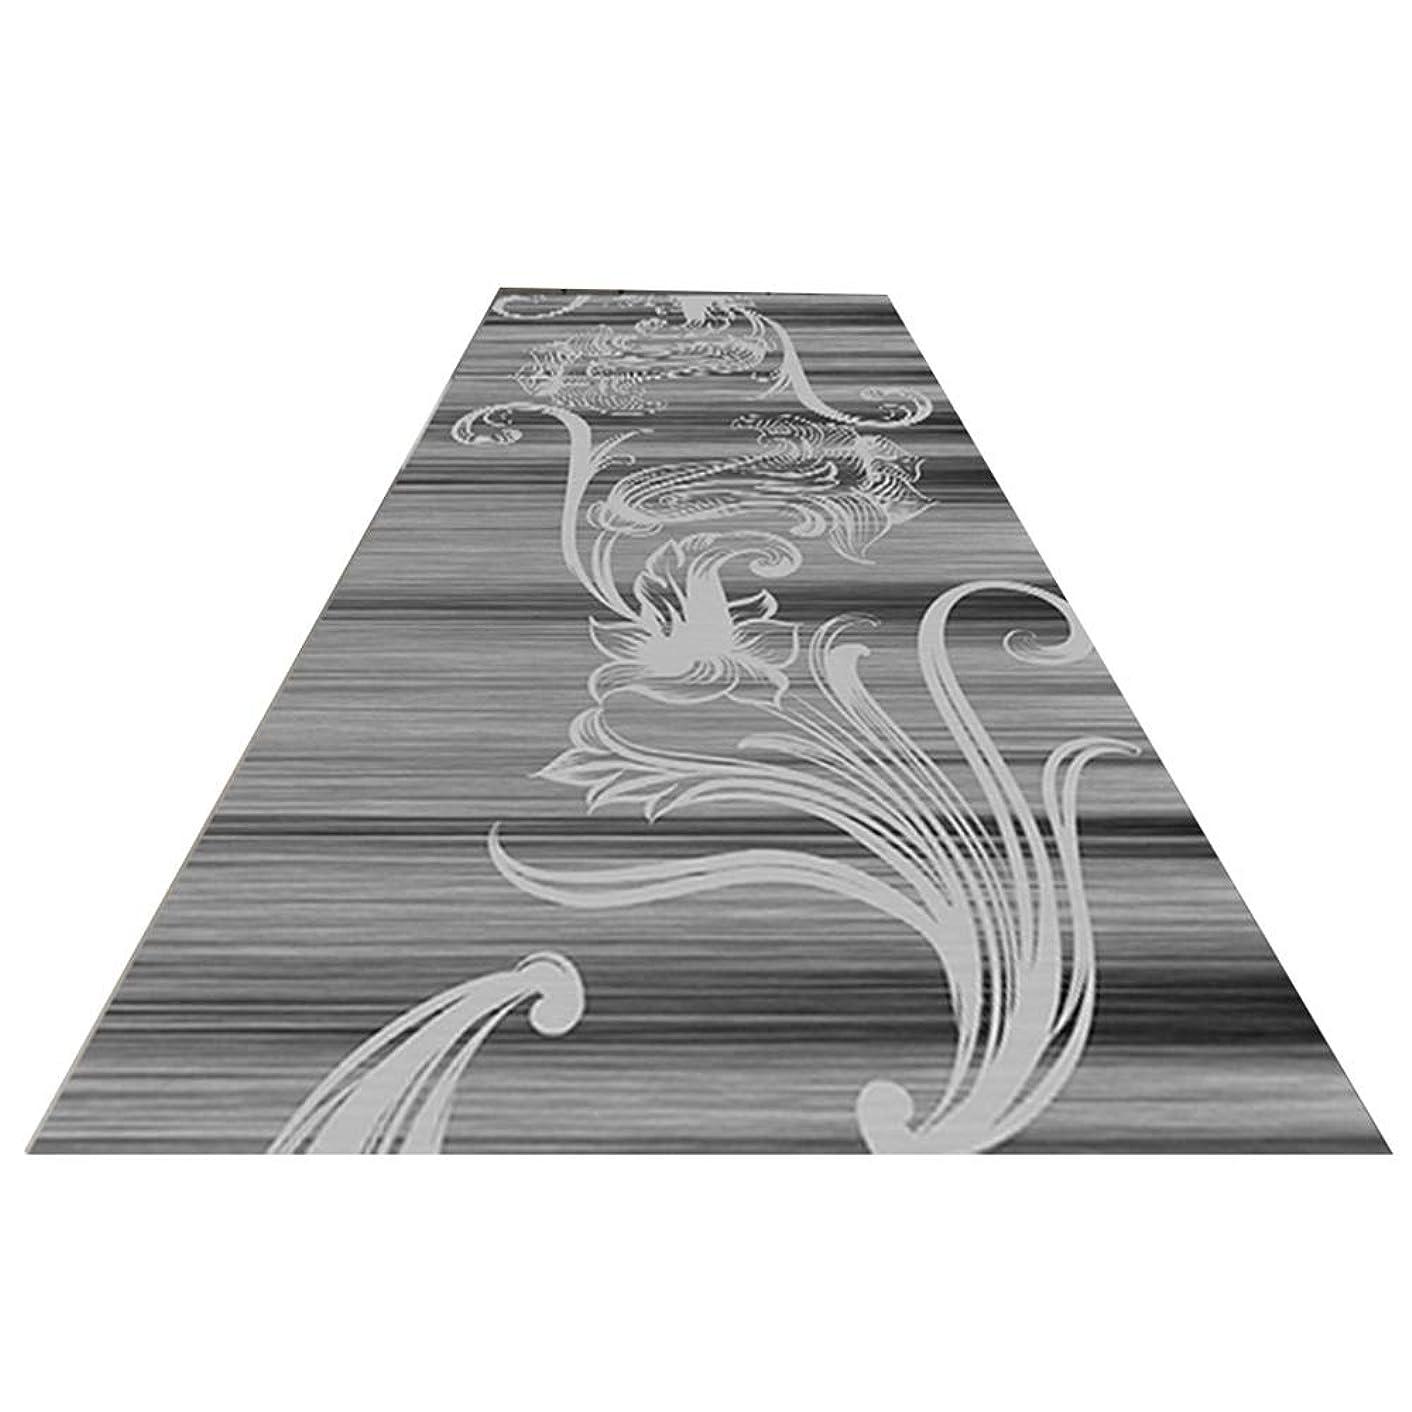 抽象枠筋肉のLJJL 廊下のカーペット ラグランナー、産業ヘビーデューティ廊下ランナーマットカーペット洗濯機で洗え小さな入口ランナーマット (Size : 60×100CM)